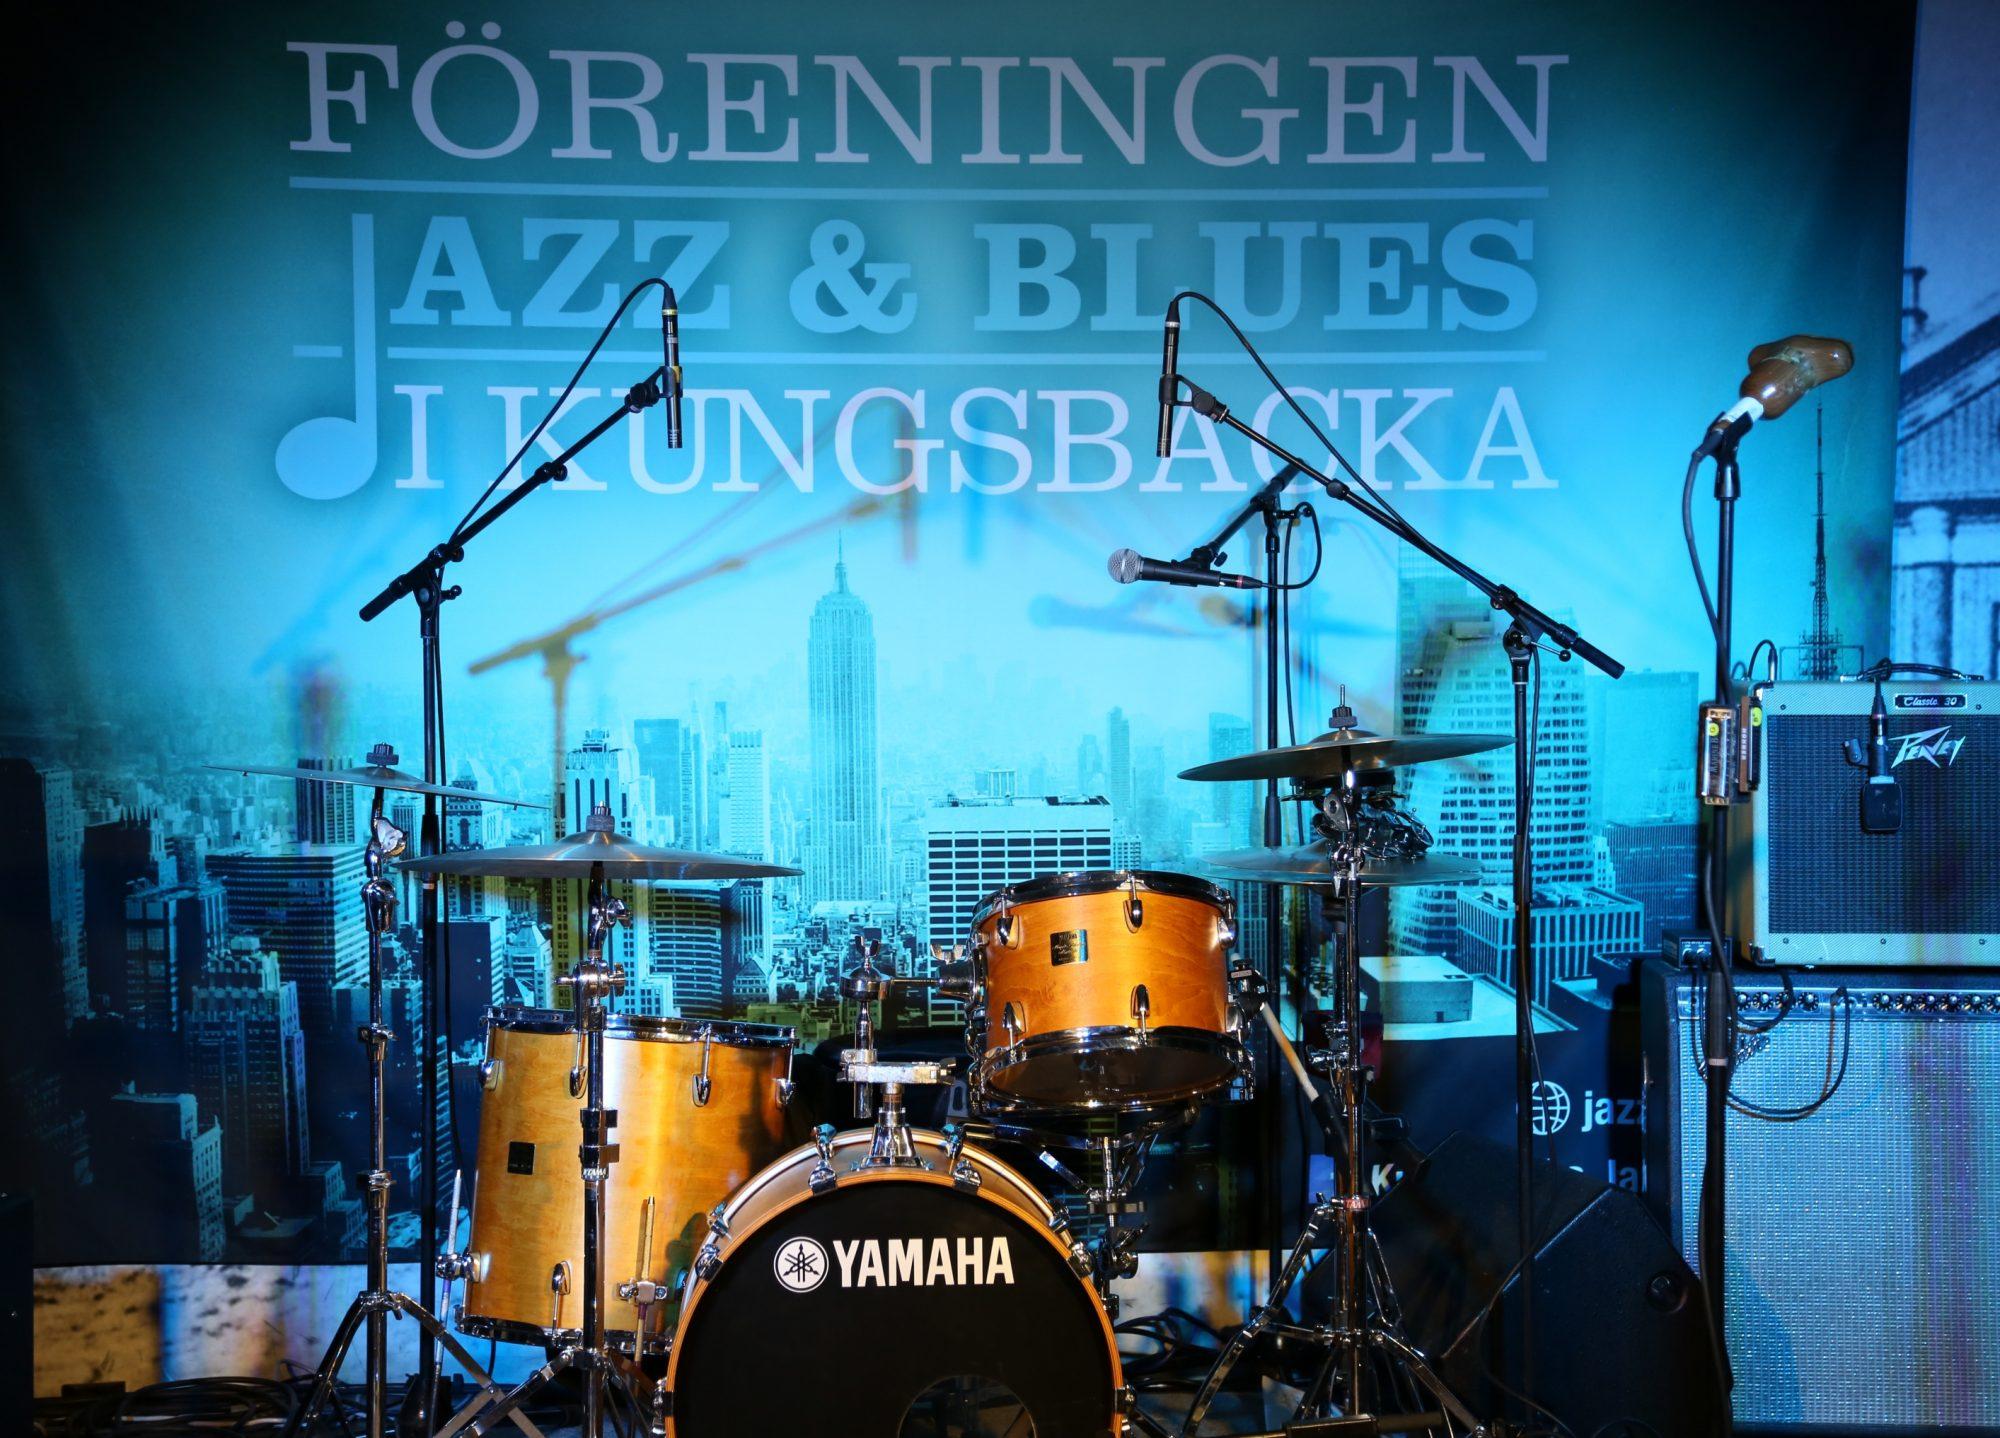 Föreningen Jazz & Blues i Kungsbacka